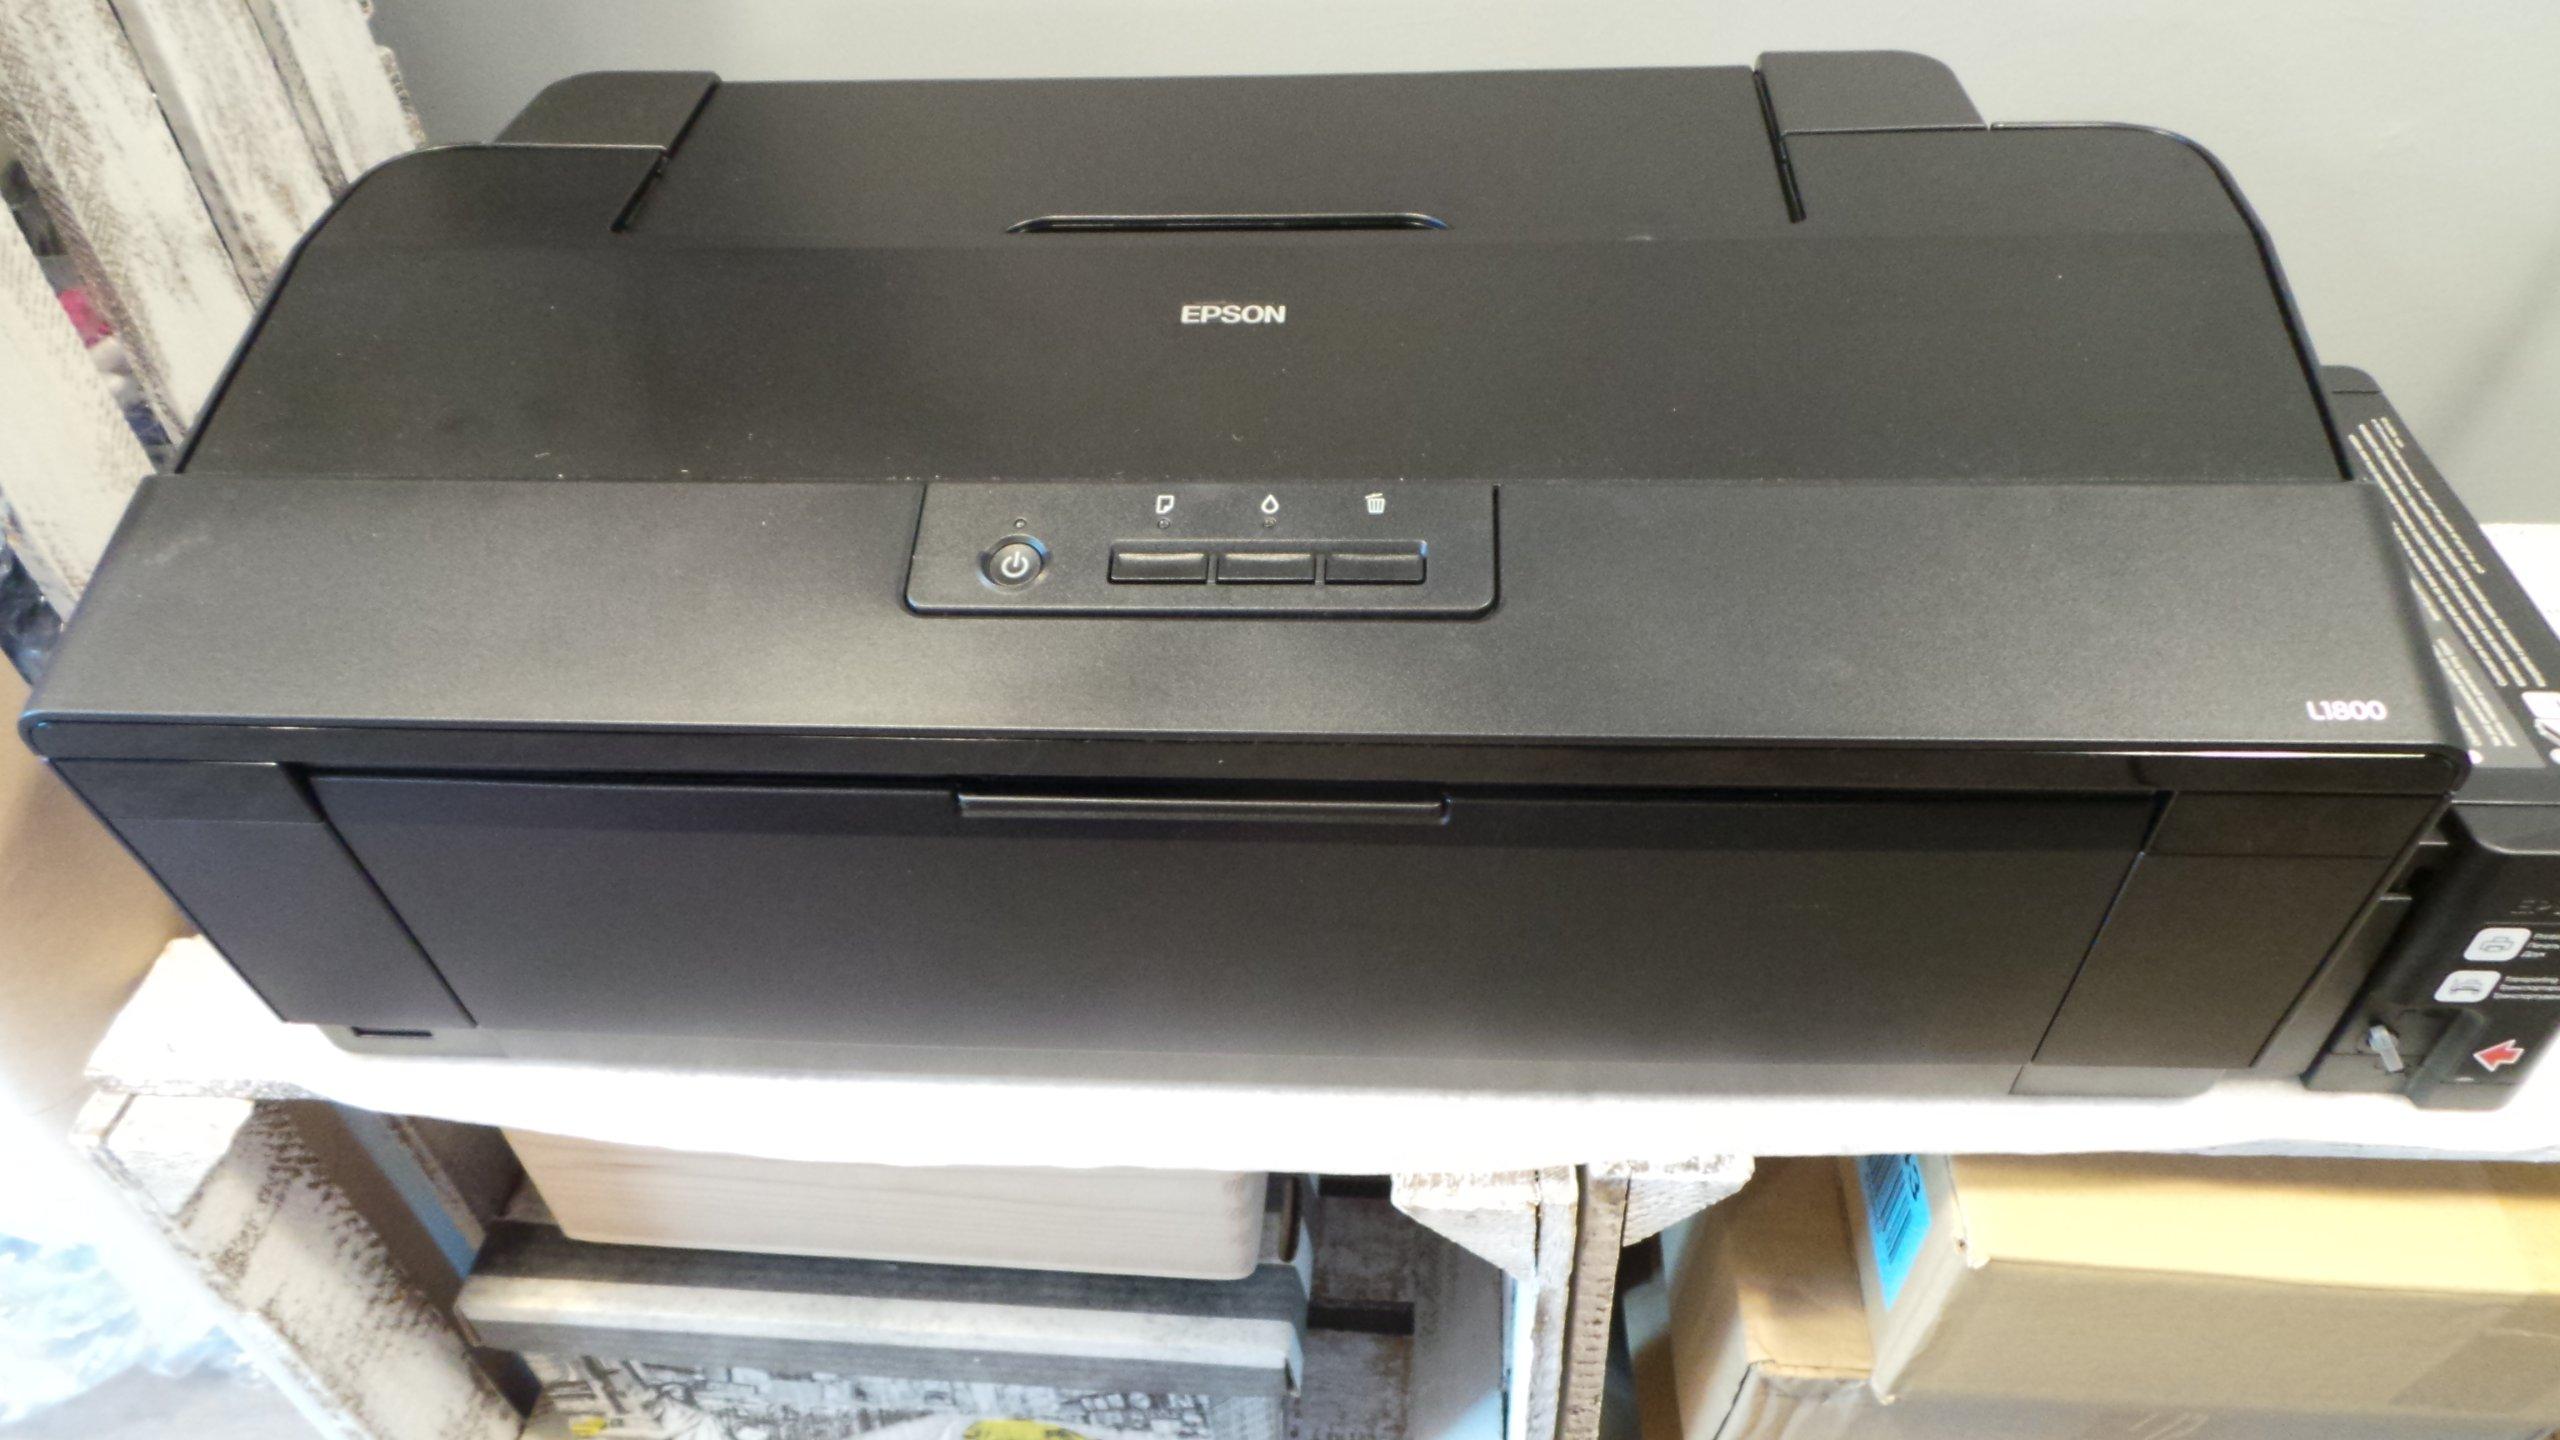 Drukarka Epson L1800 7221400272 Oficjalne Archiwum Allegro Printer